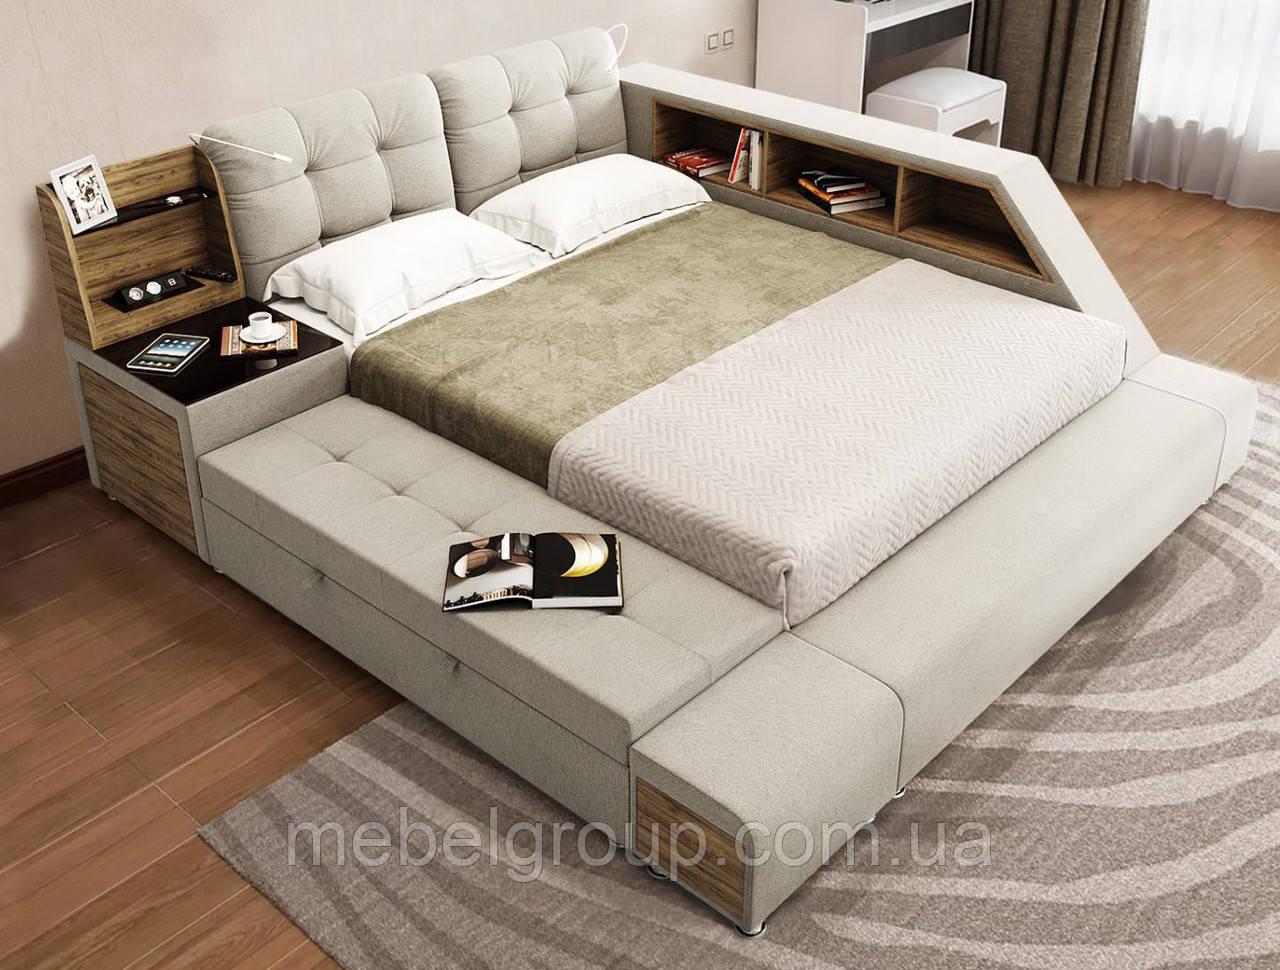 Ліжко Атланта 180*200, з механізмом